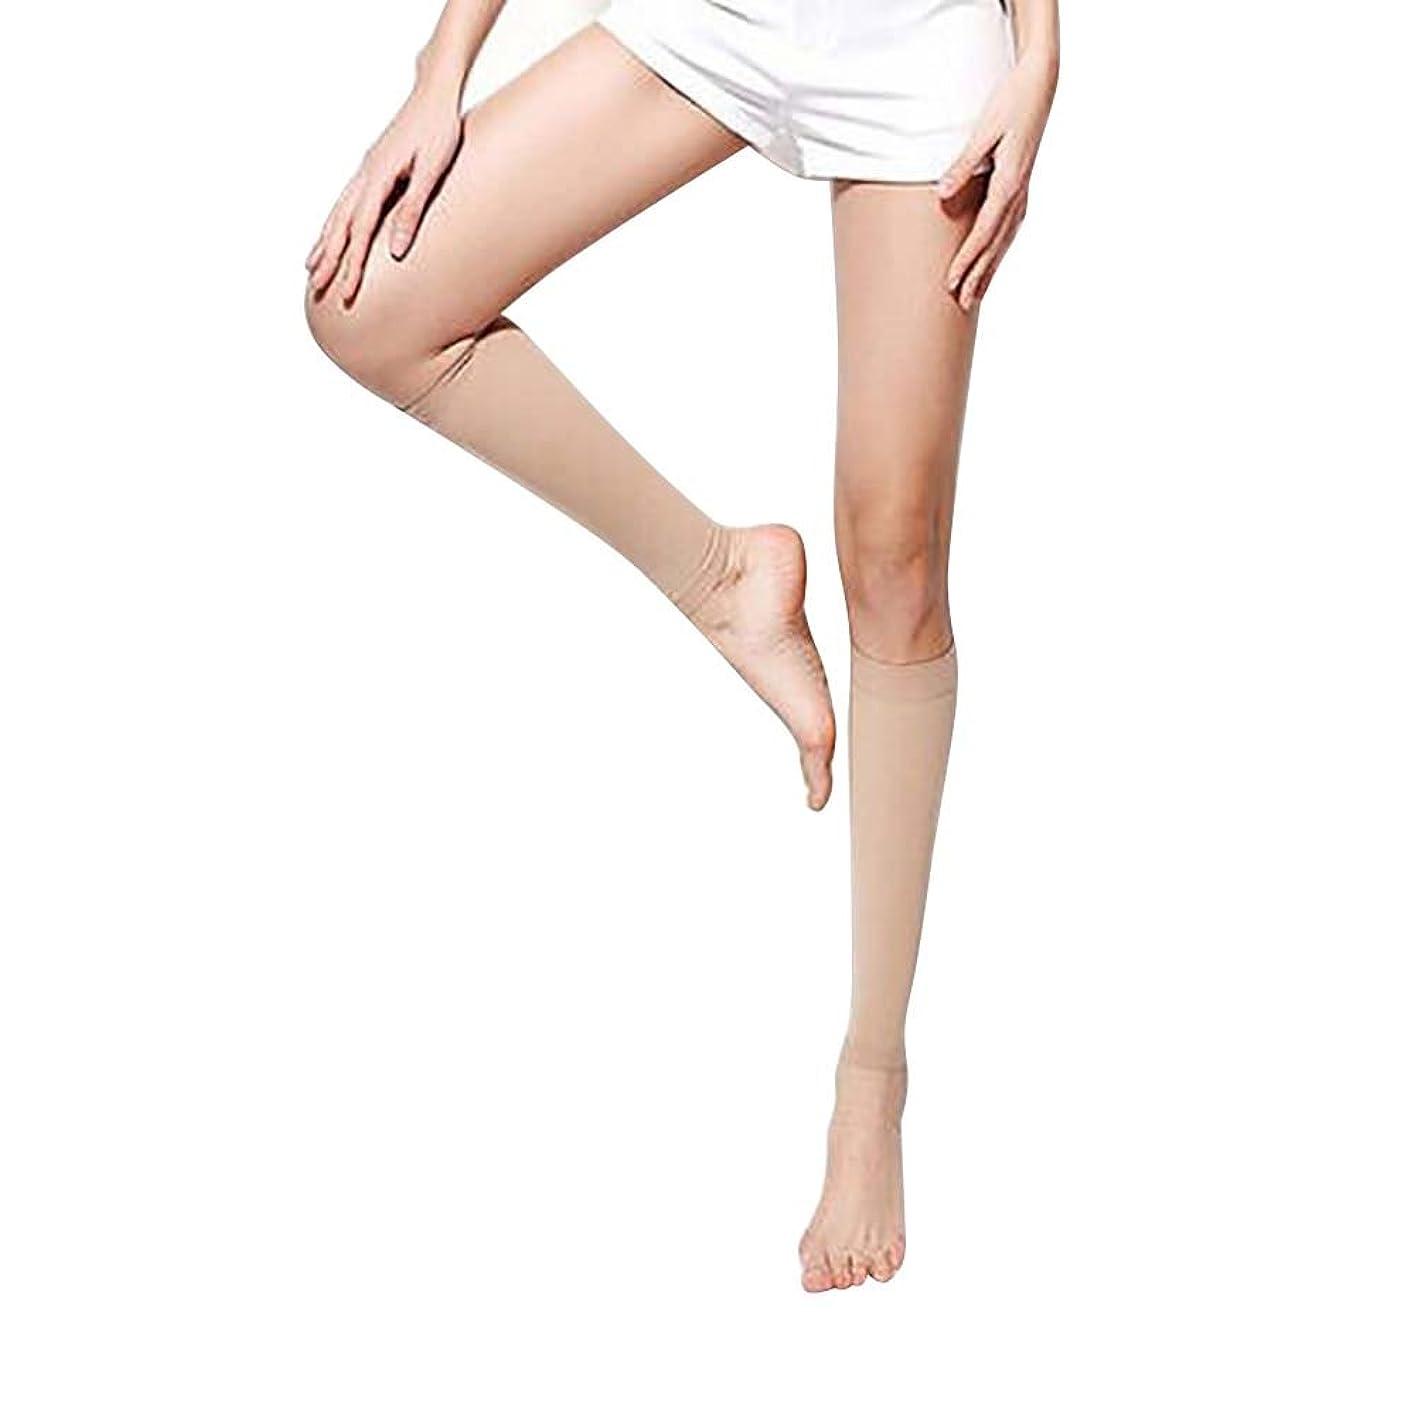 議会検索エンジン最適化白内障kasit 美脚ふくらはぎソックス 着圧ソックス 脂肪燃焼で脛ほっそり ショート